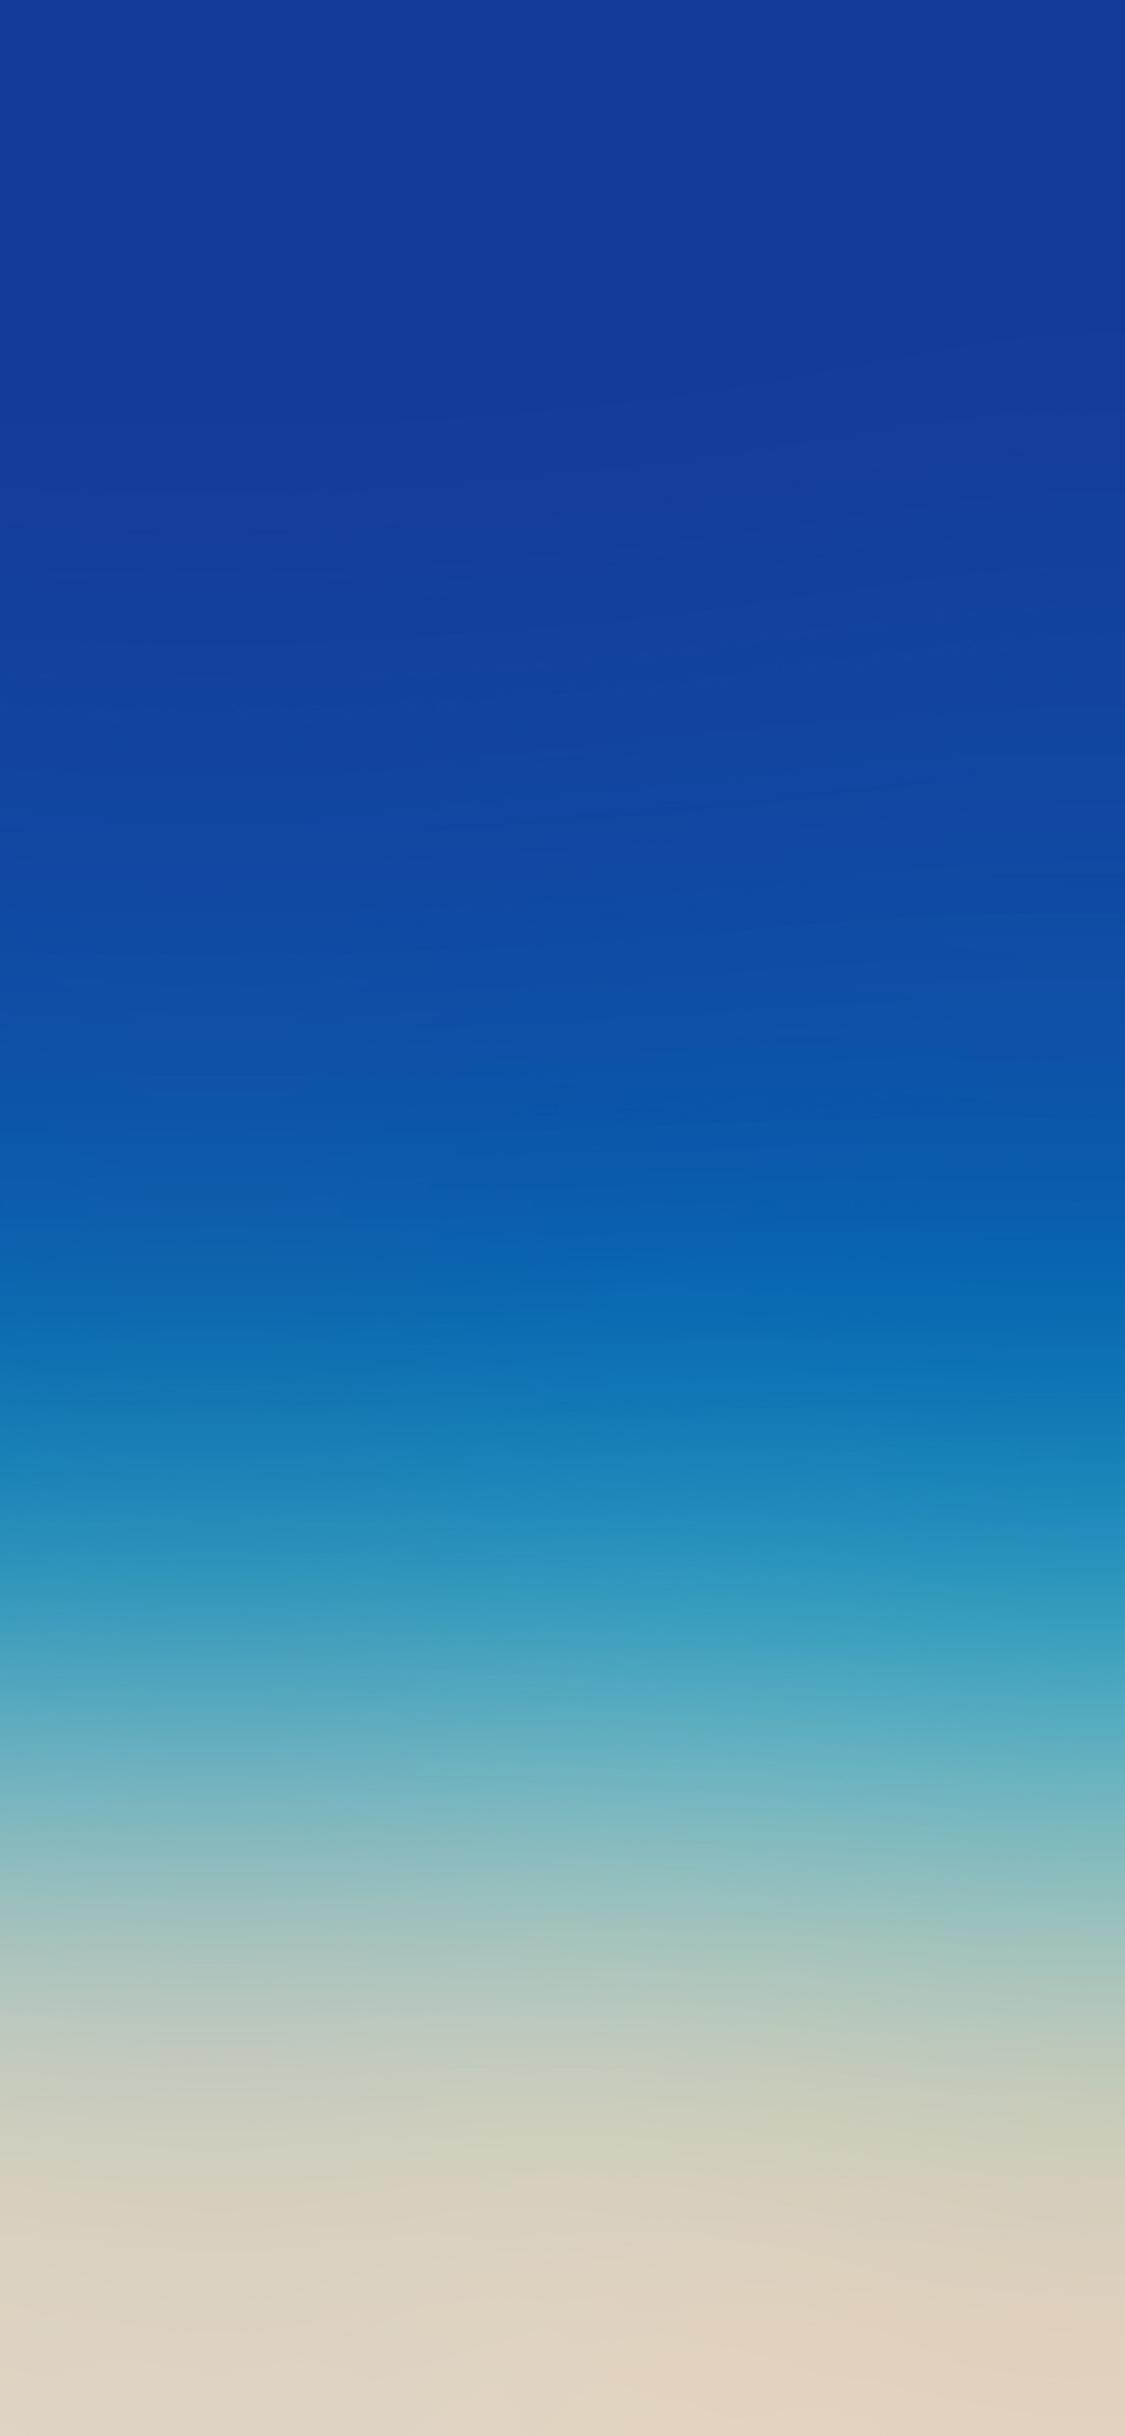 iPhoneXpapers.com-Apple-iPhone-wallpaper-sb10-wallpaper-blue-sky-blue-blur